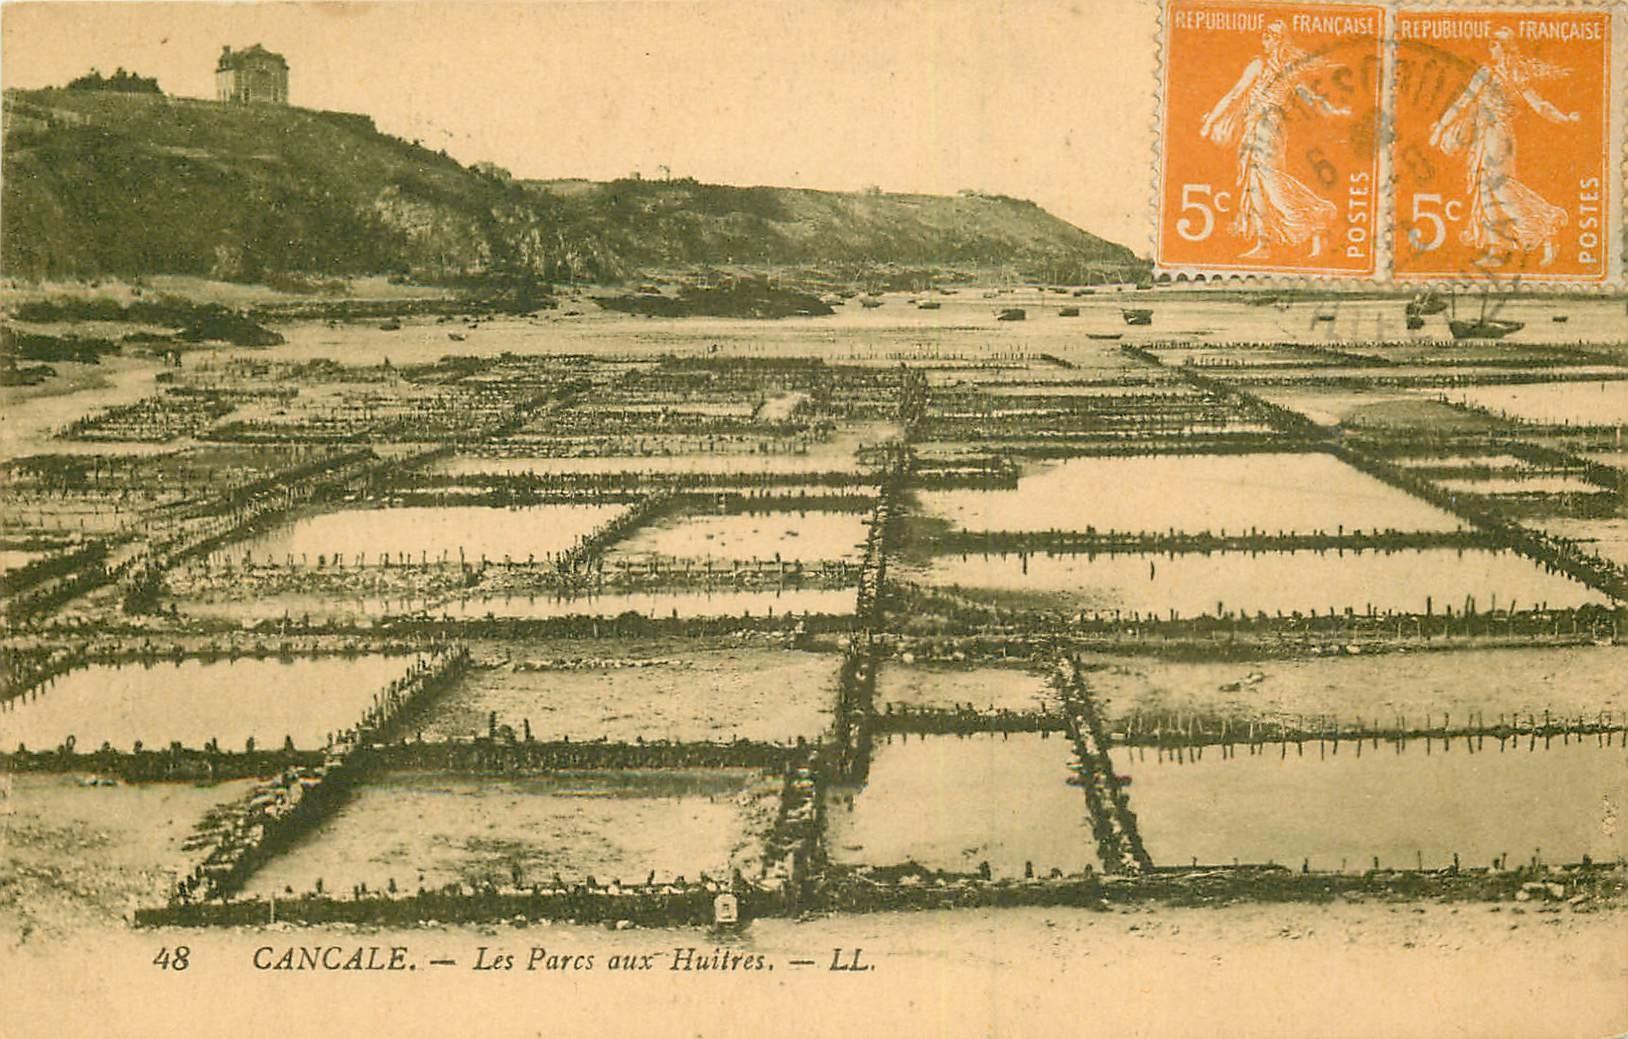 35 CANCALE. Les Parcs aux Huîtres 1922